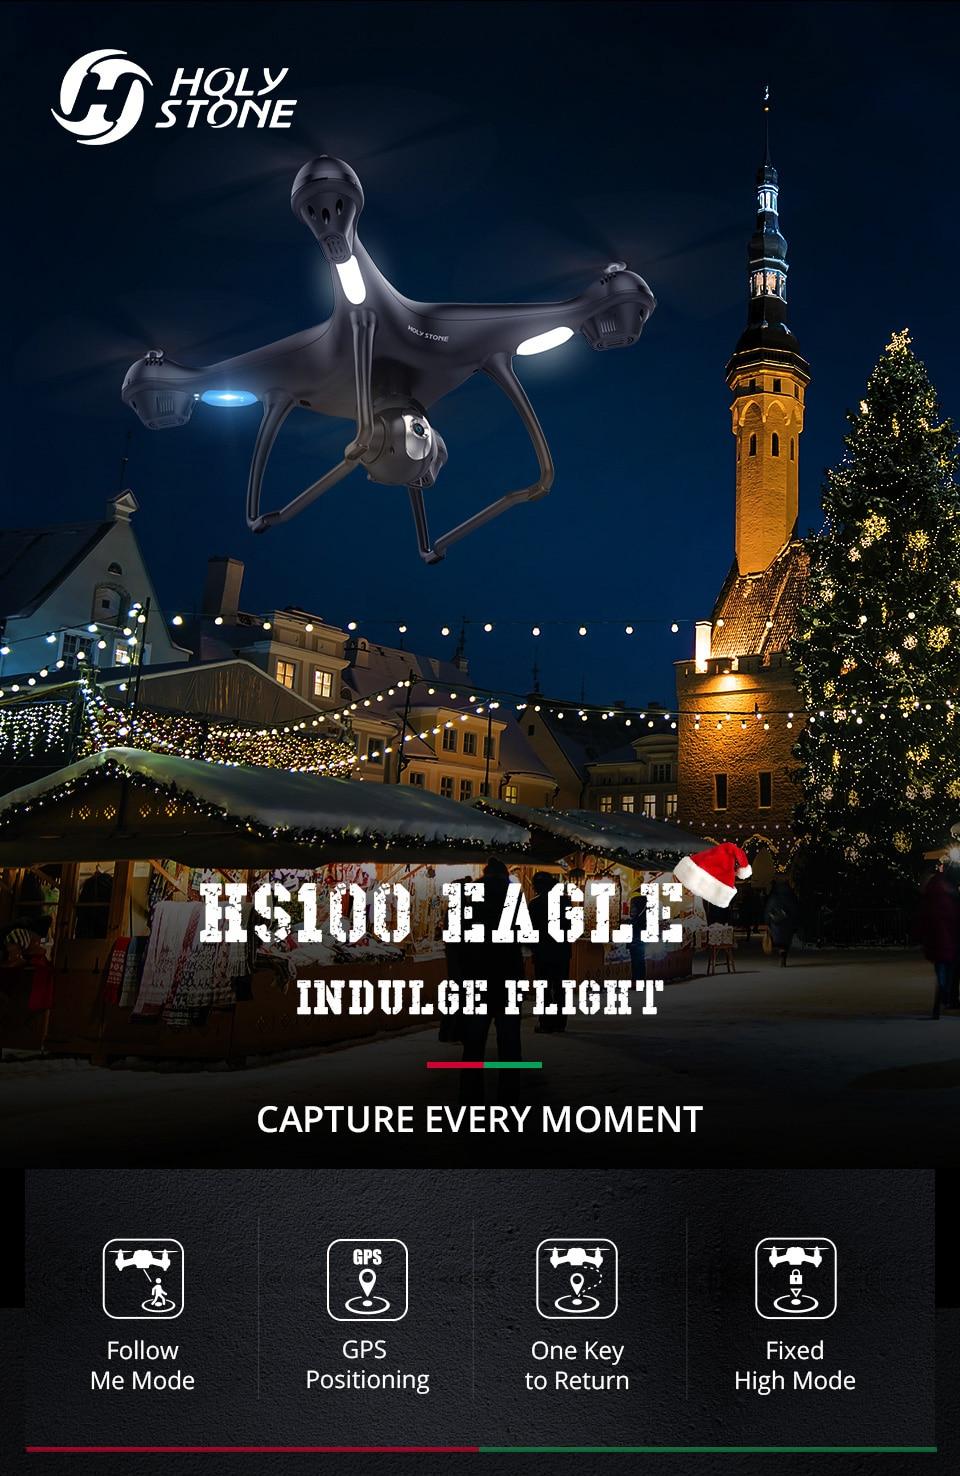 [EU USA JP Stock] Holy Stone HS100 GPS Selfie FPV Drone 500m Flight Range 2500mAh 1080P 7P Camera RC Quadcopter No Tax to EU 5